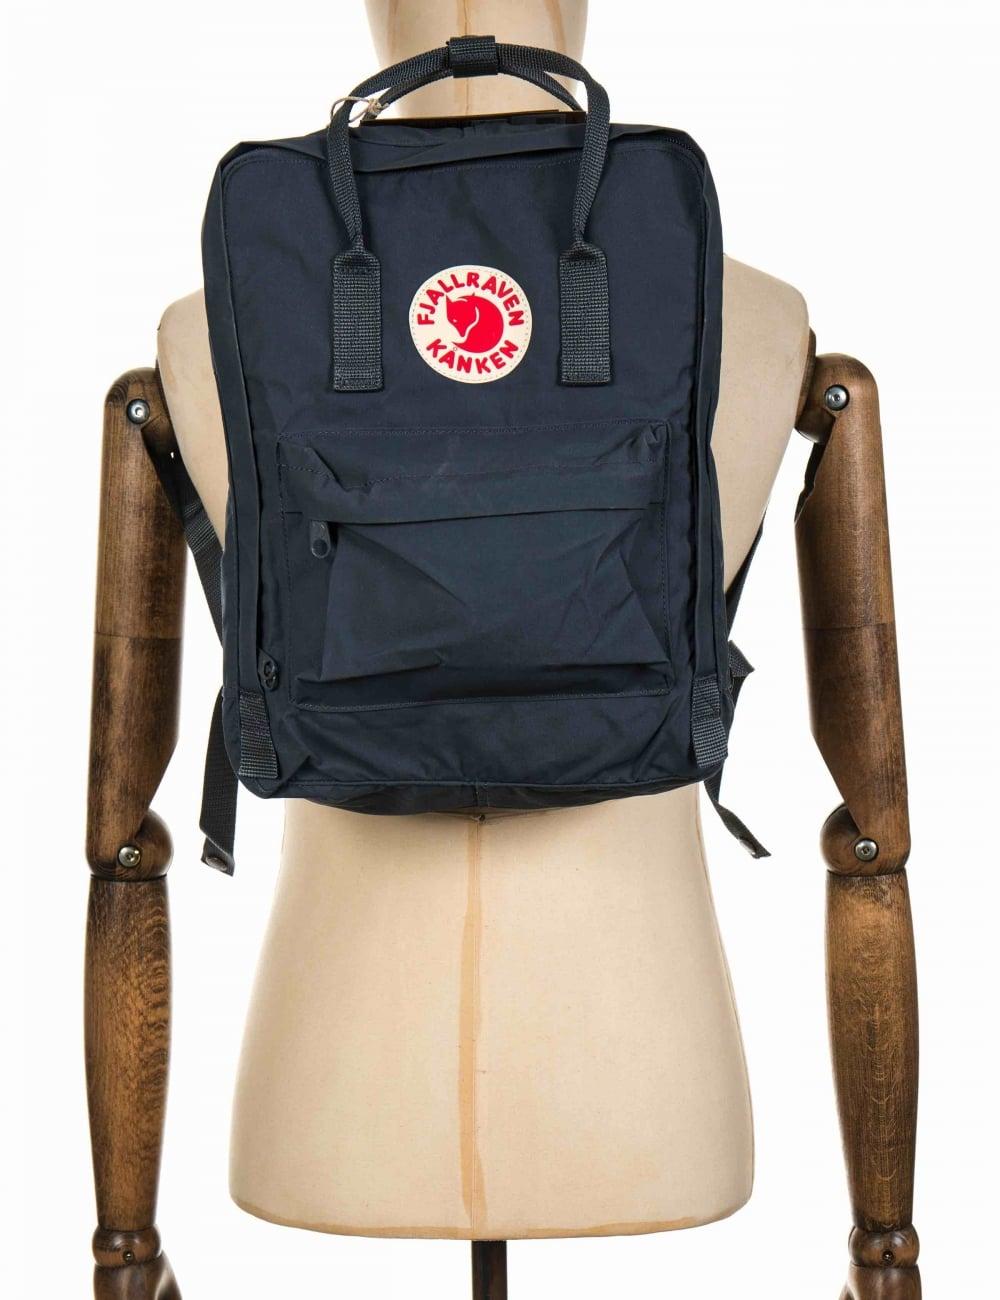 Straßenpreis Tiefstpreis Outlet-Verkauf Kanken Classic Backpack - Graphite